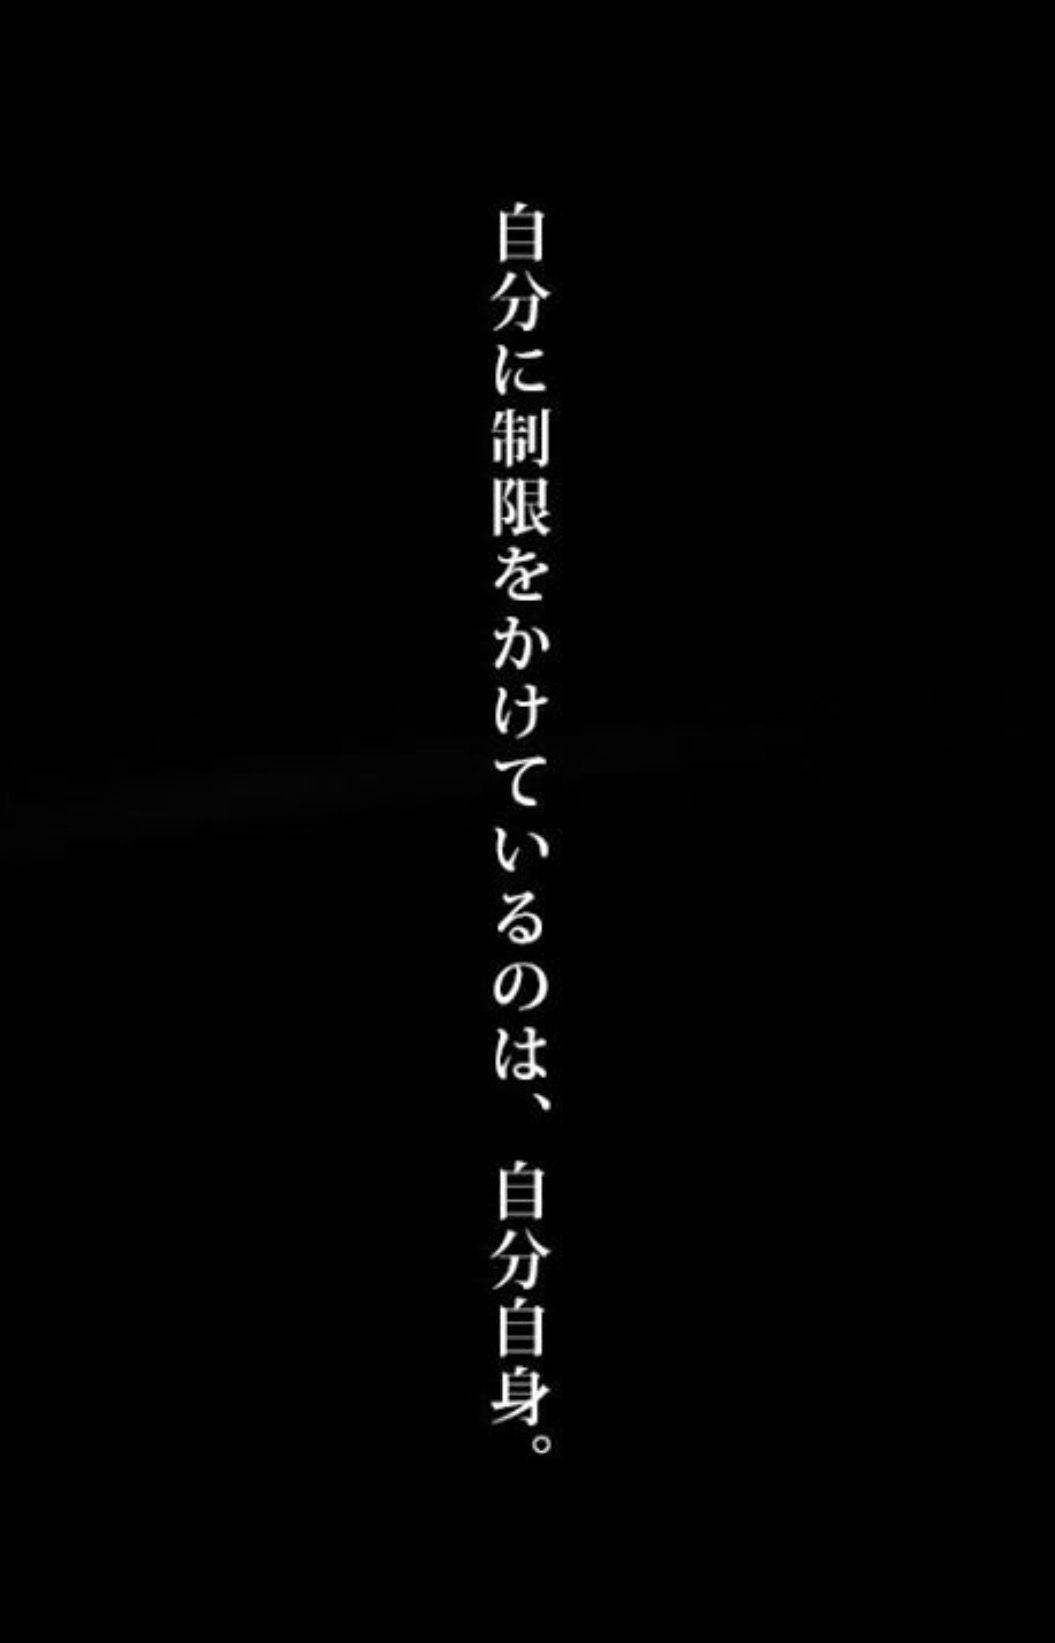 White Japanese Aesthetic Wallpaper ...